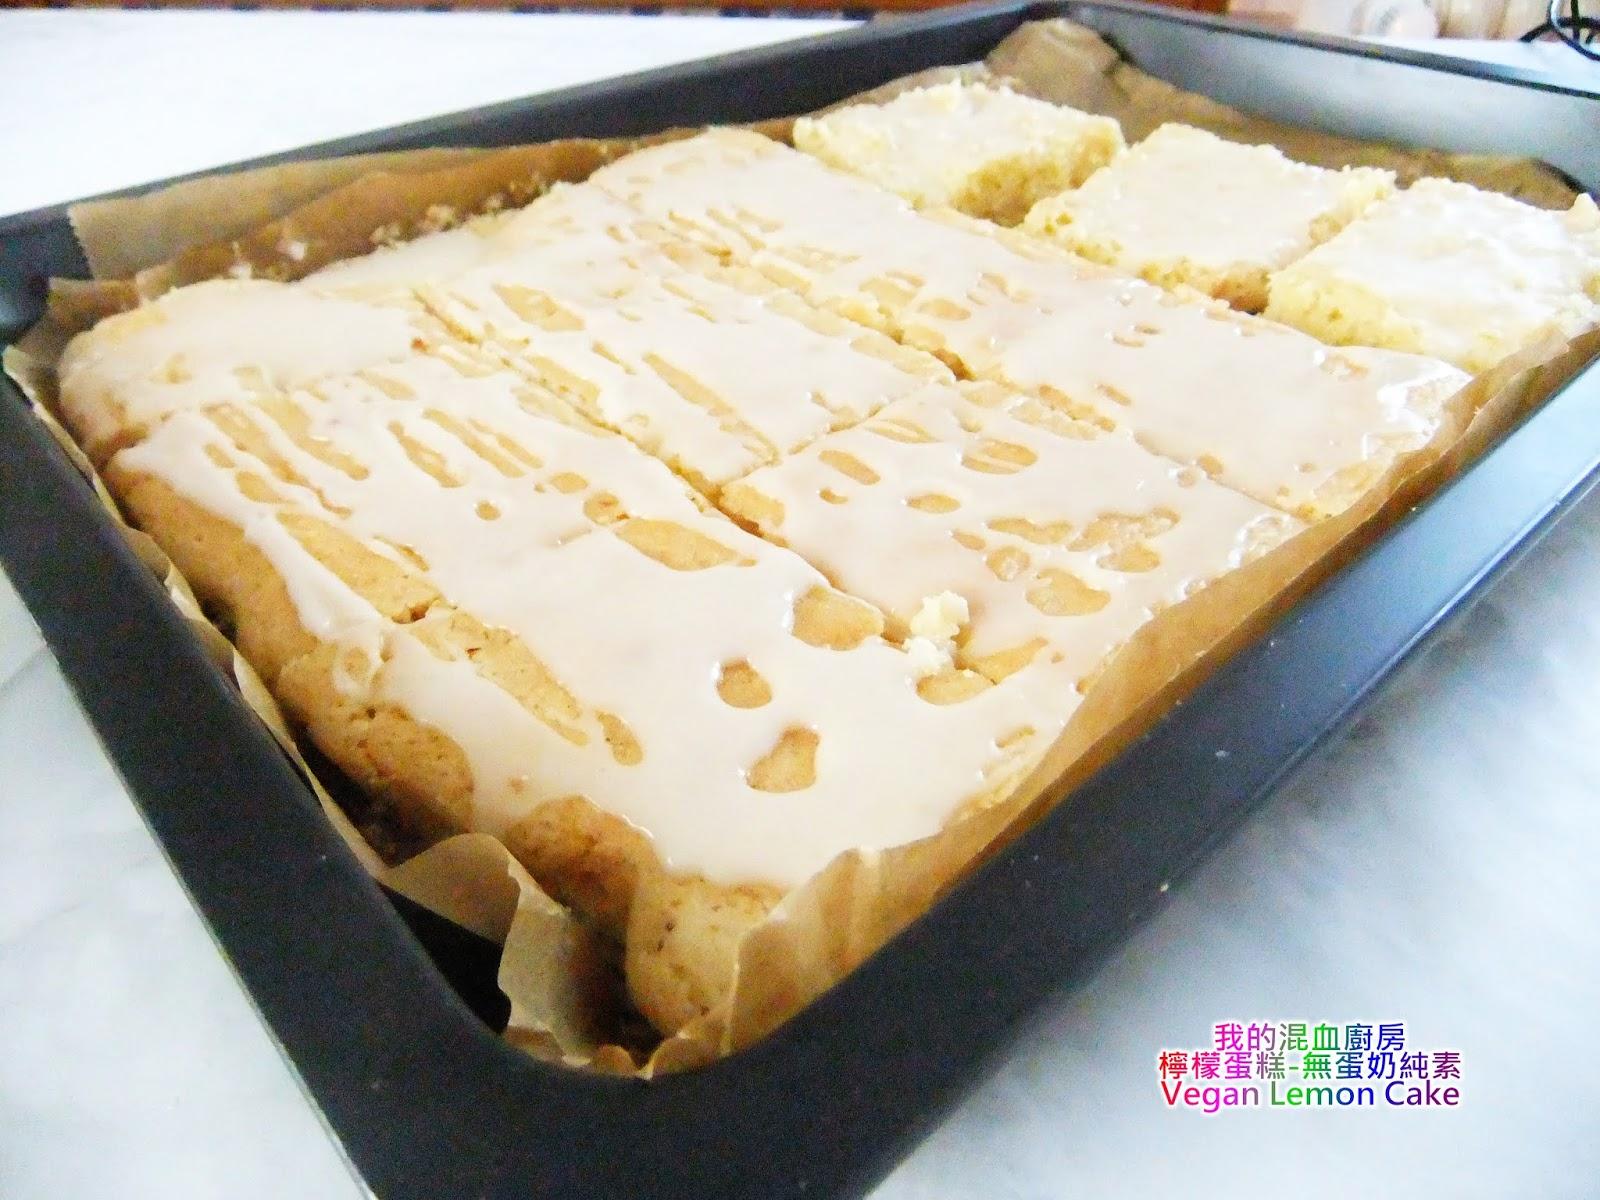 我的混血廚房 (My Mixed-Blood Kitchen): 檸檬蛋糕--柔軟溼潤無蛋奶之純素蛋糕(Vegan Lemon Cake-Soft and Moist)